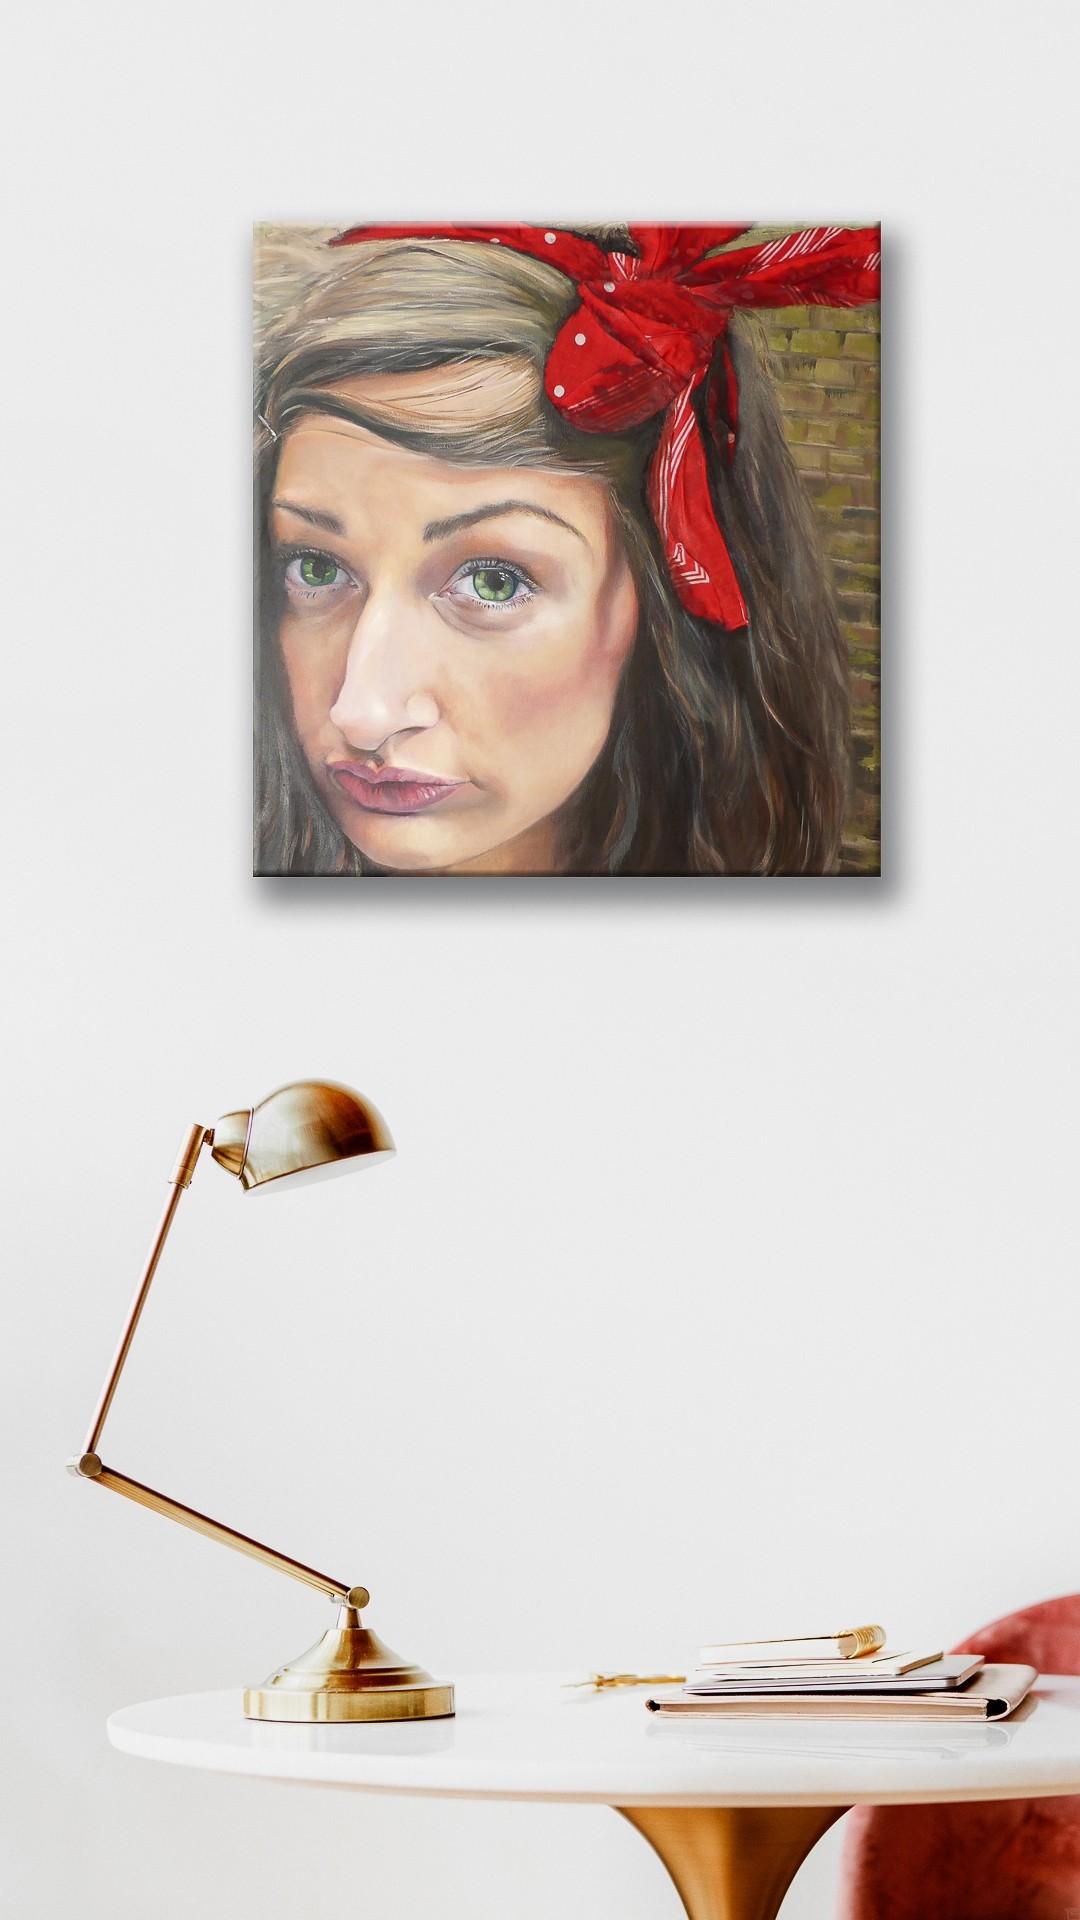 Nora von Rotenbaum | Malerei von Eva Nordal | Öl, Textil auf Leinwand, realistisch - 2